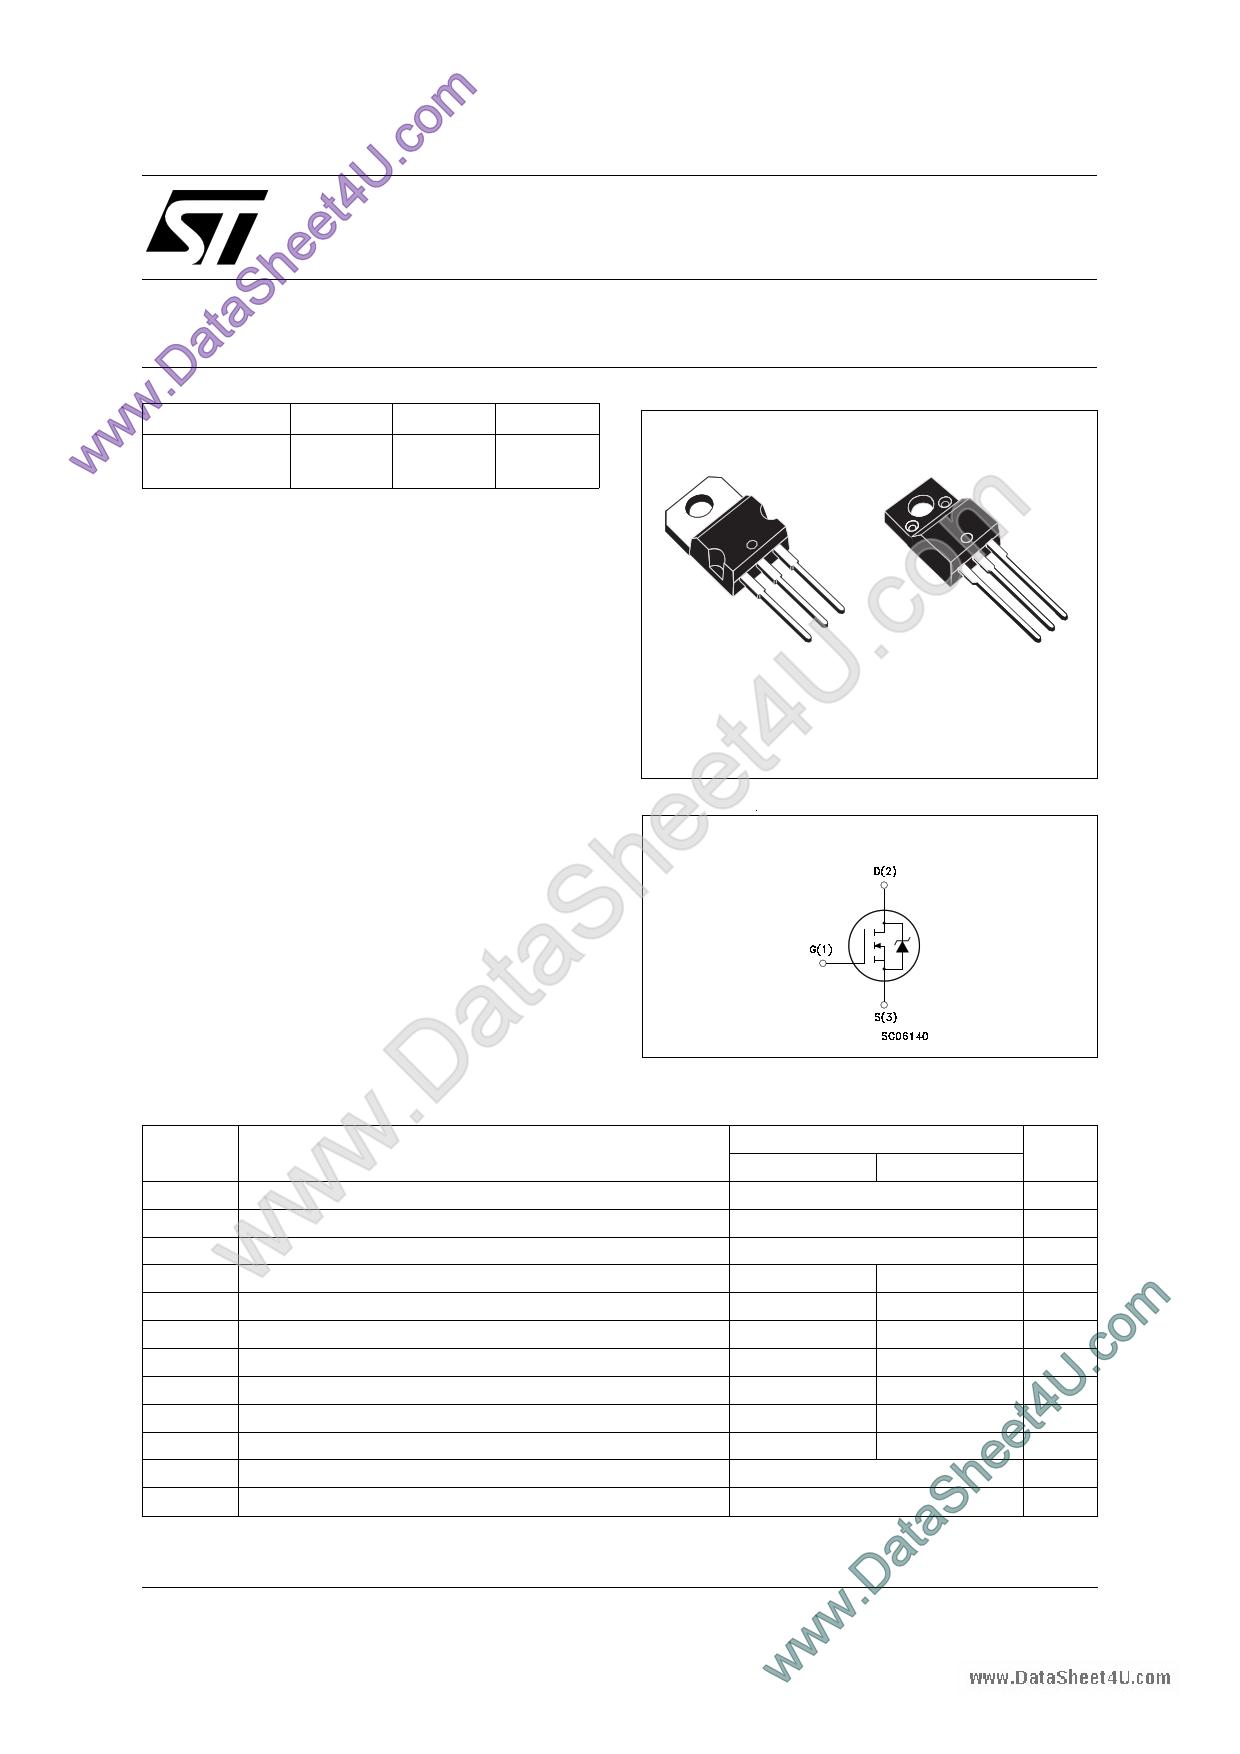 P3NB80 datasheet, circuit